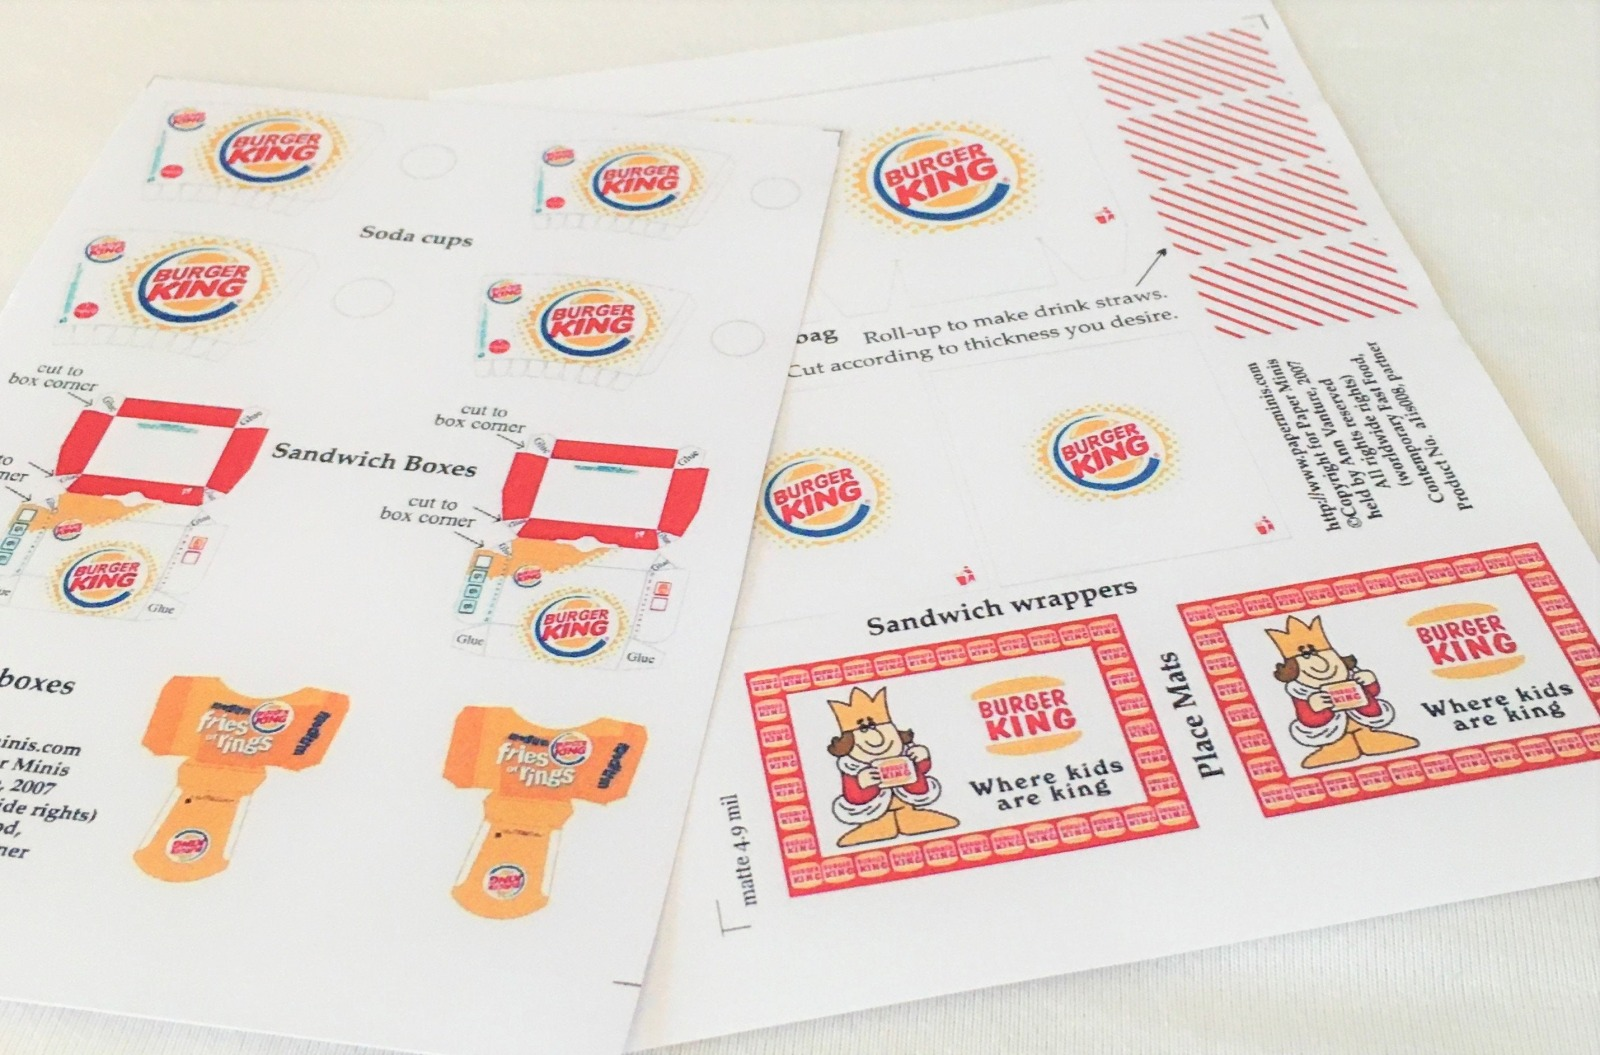 Fastfood Burger King